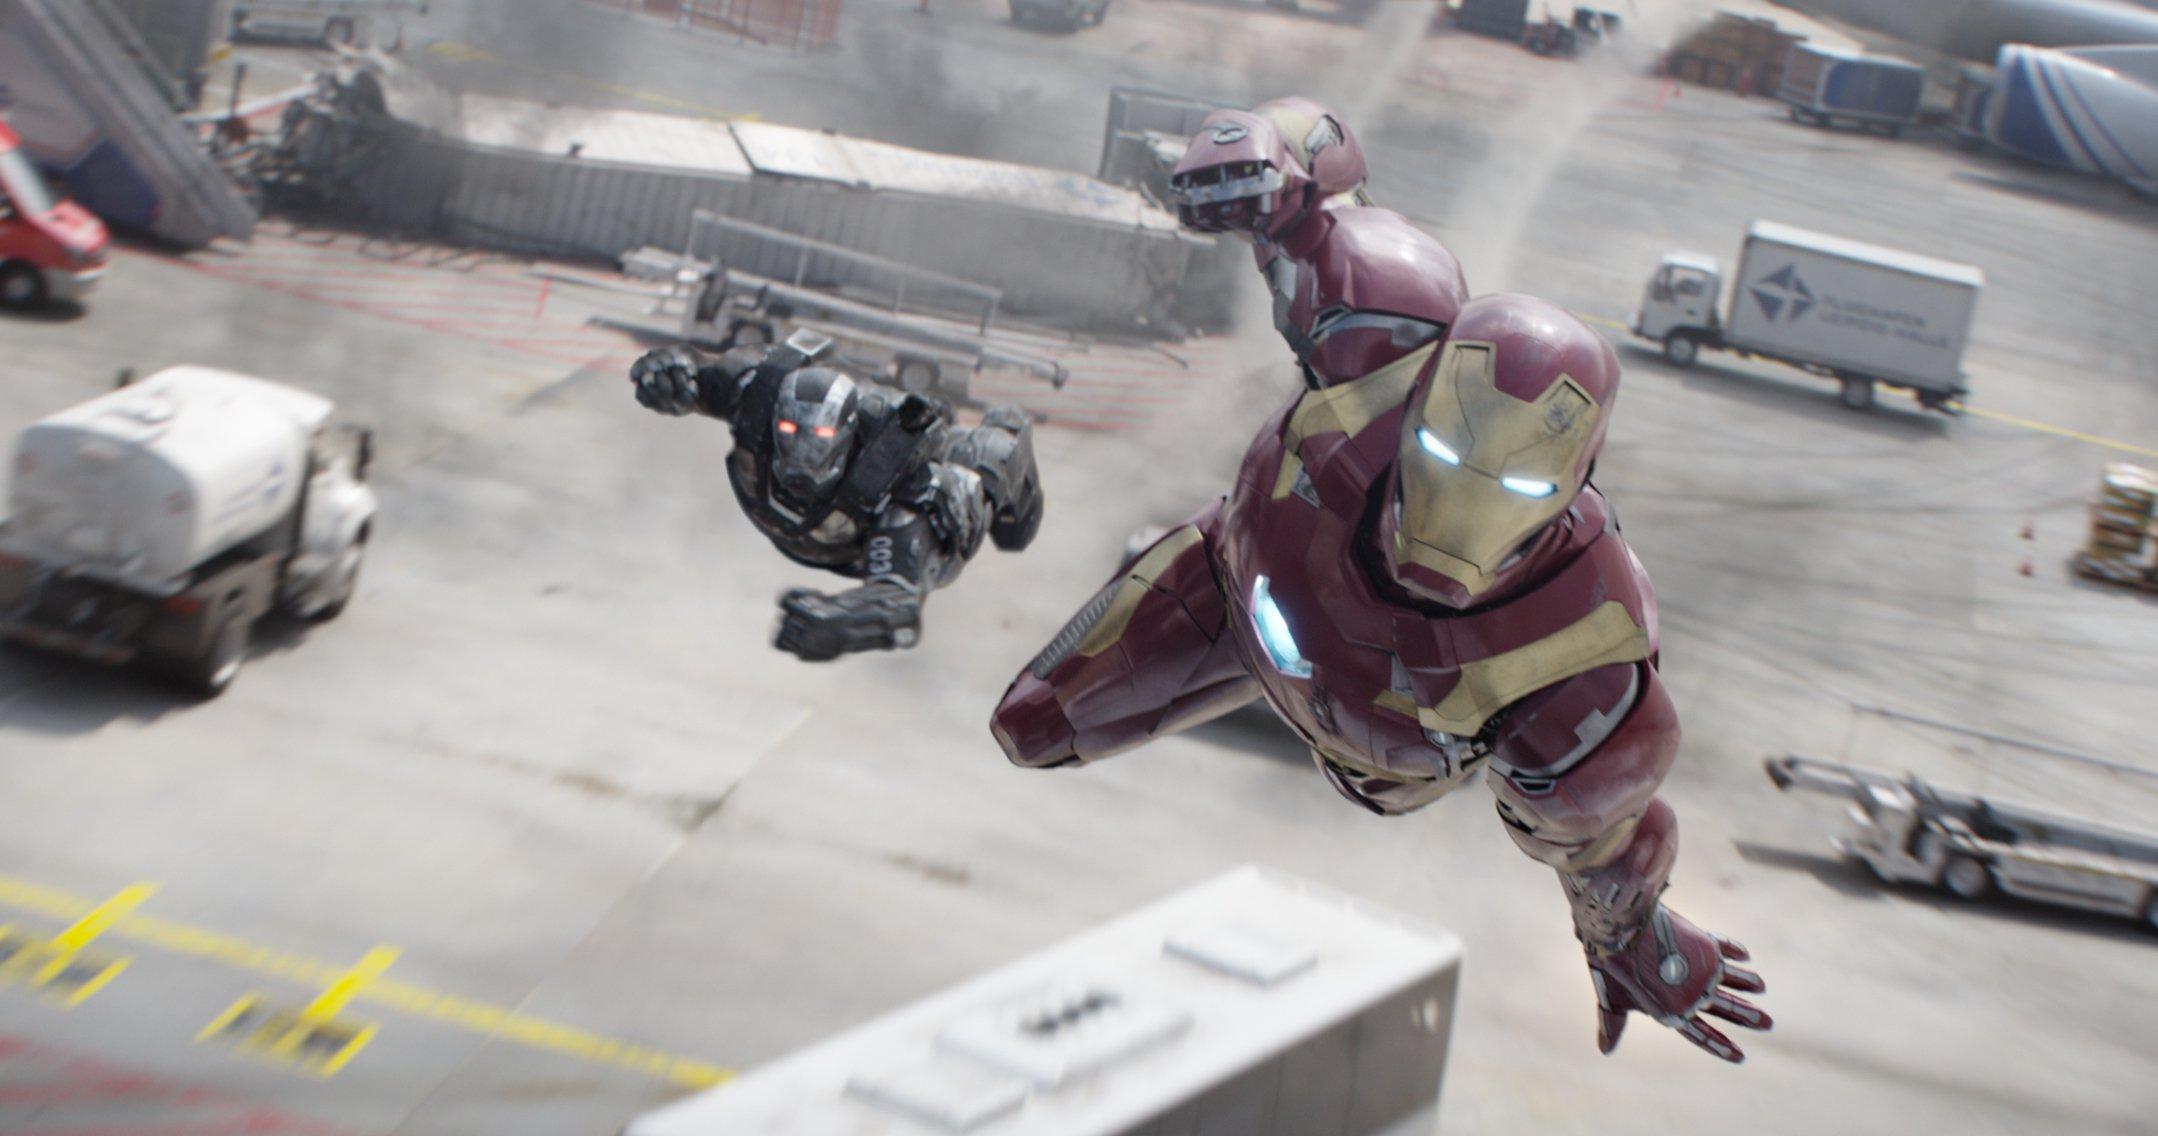 Nuevos-Stills-Oficiales-en-Alta-Resolución-de-Captain-America-Civil-War-2016-Criticsight-5